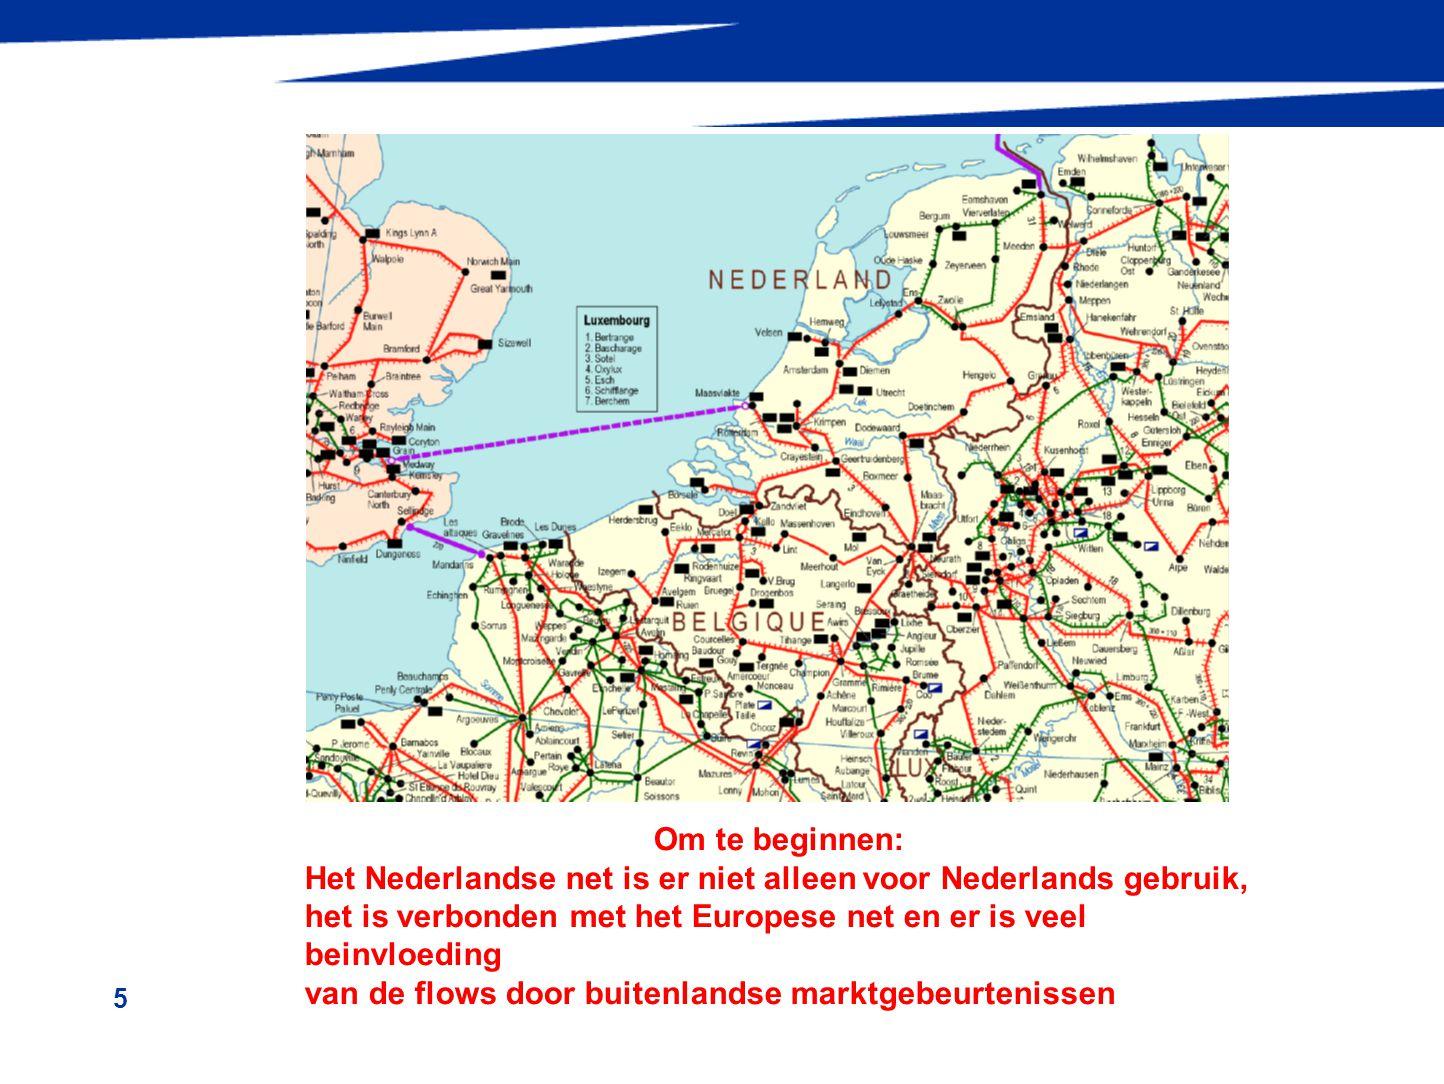 6 onzekere ontwikkelingen in internationaal elektriciteitsverkeer –veranderingen markt prijsontwikkeling brandstoffen verandering belasting door economische stagnatie mogelijk meer export vanuit Nederland –veranderingen actuele transporten andere productie inzet dag/nacht,seizoenen windopwekking DE, van 10 GW naar >30 GW in 5 jaar kabel FR/UK, van invloed op flows in NL-net hoge belasting FR, waardoor andere flows in DE en NL